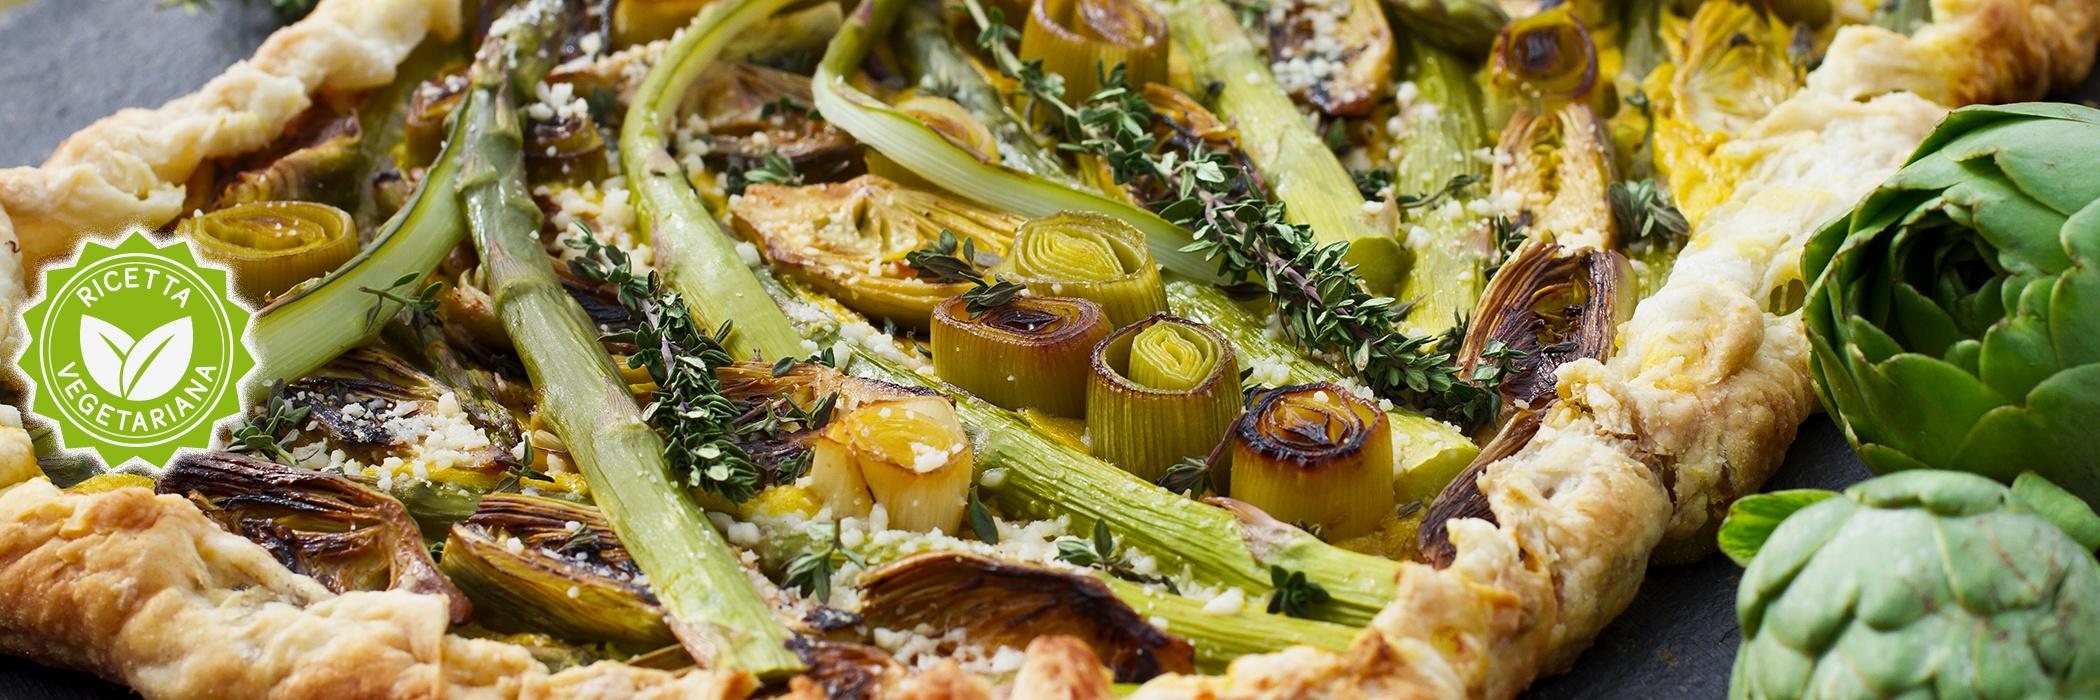 Torta salata con asparagi, carciofi porro e zafferano